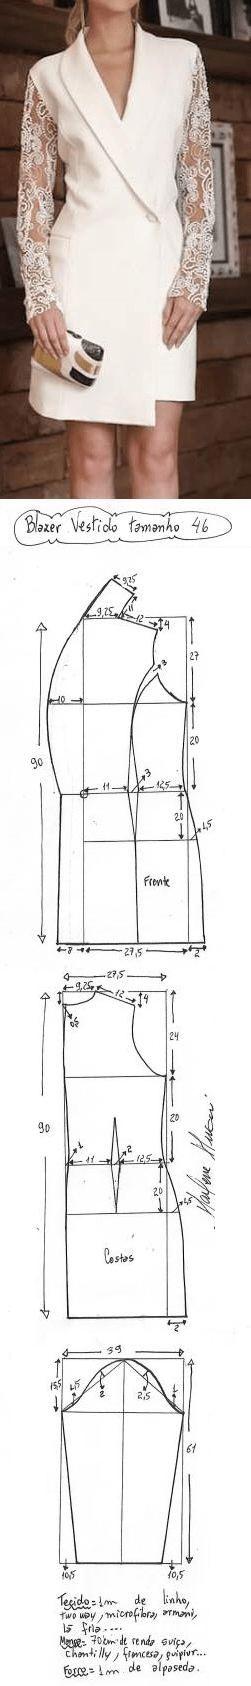 DIY – molde, corte e costura – Marlene Mukai. Blazer vestido manga de renda. Uma variação de blazer muito elegante. Fiz esquema de modelagem do 36 ao 56.